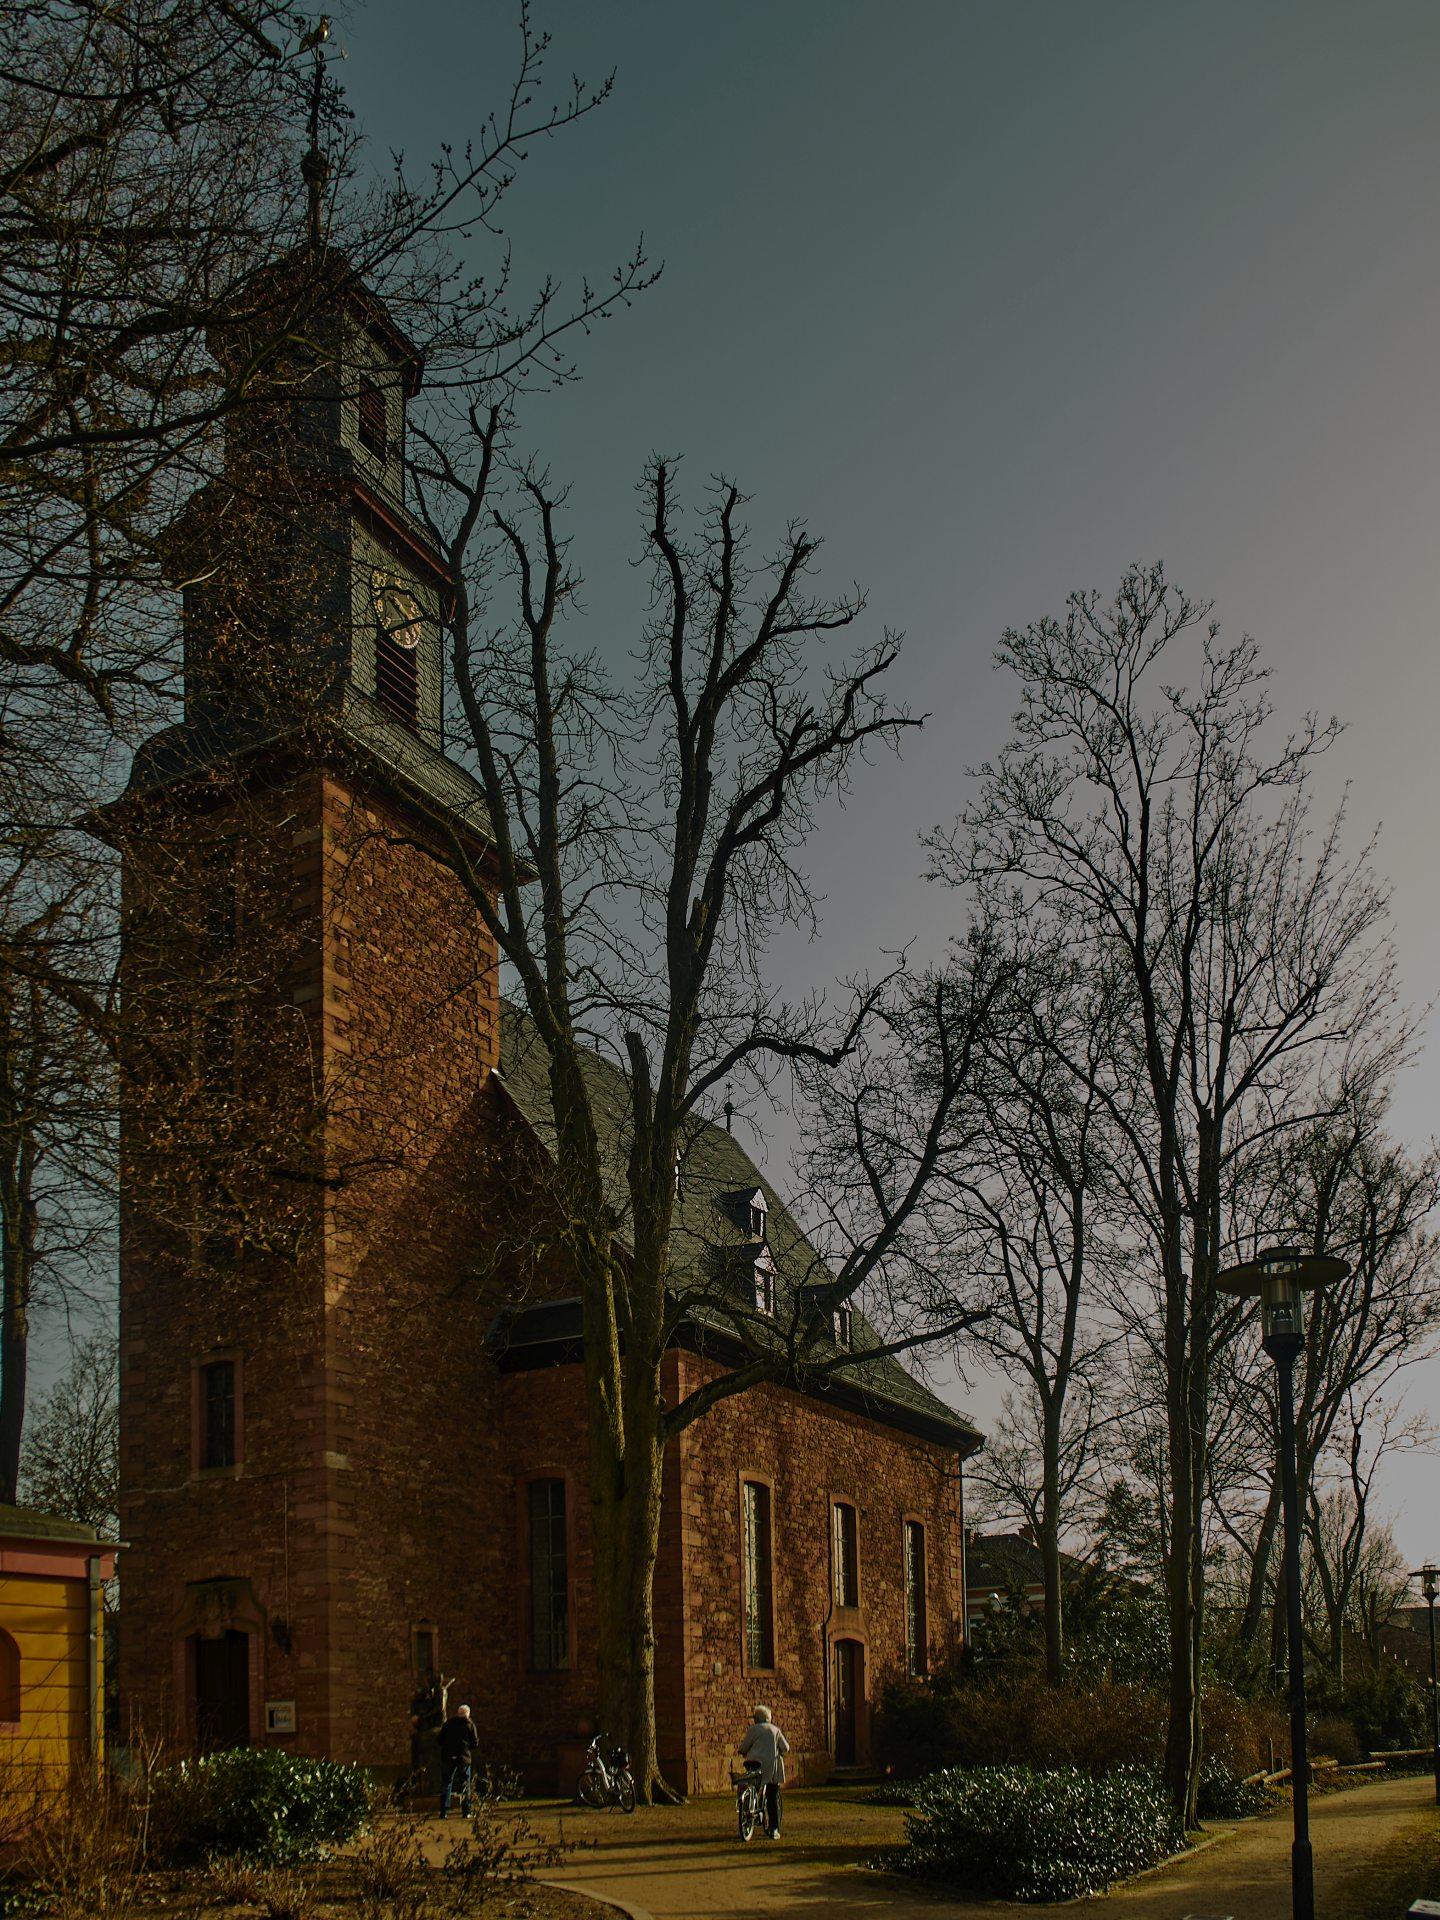 Die Schloßkirche — ich dachte, die Türen zu Gott müssten offen sein, aber das gilt wohl nicht in Offenbach